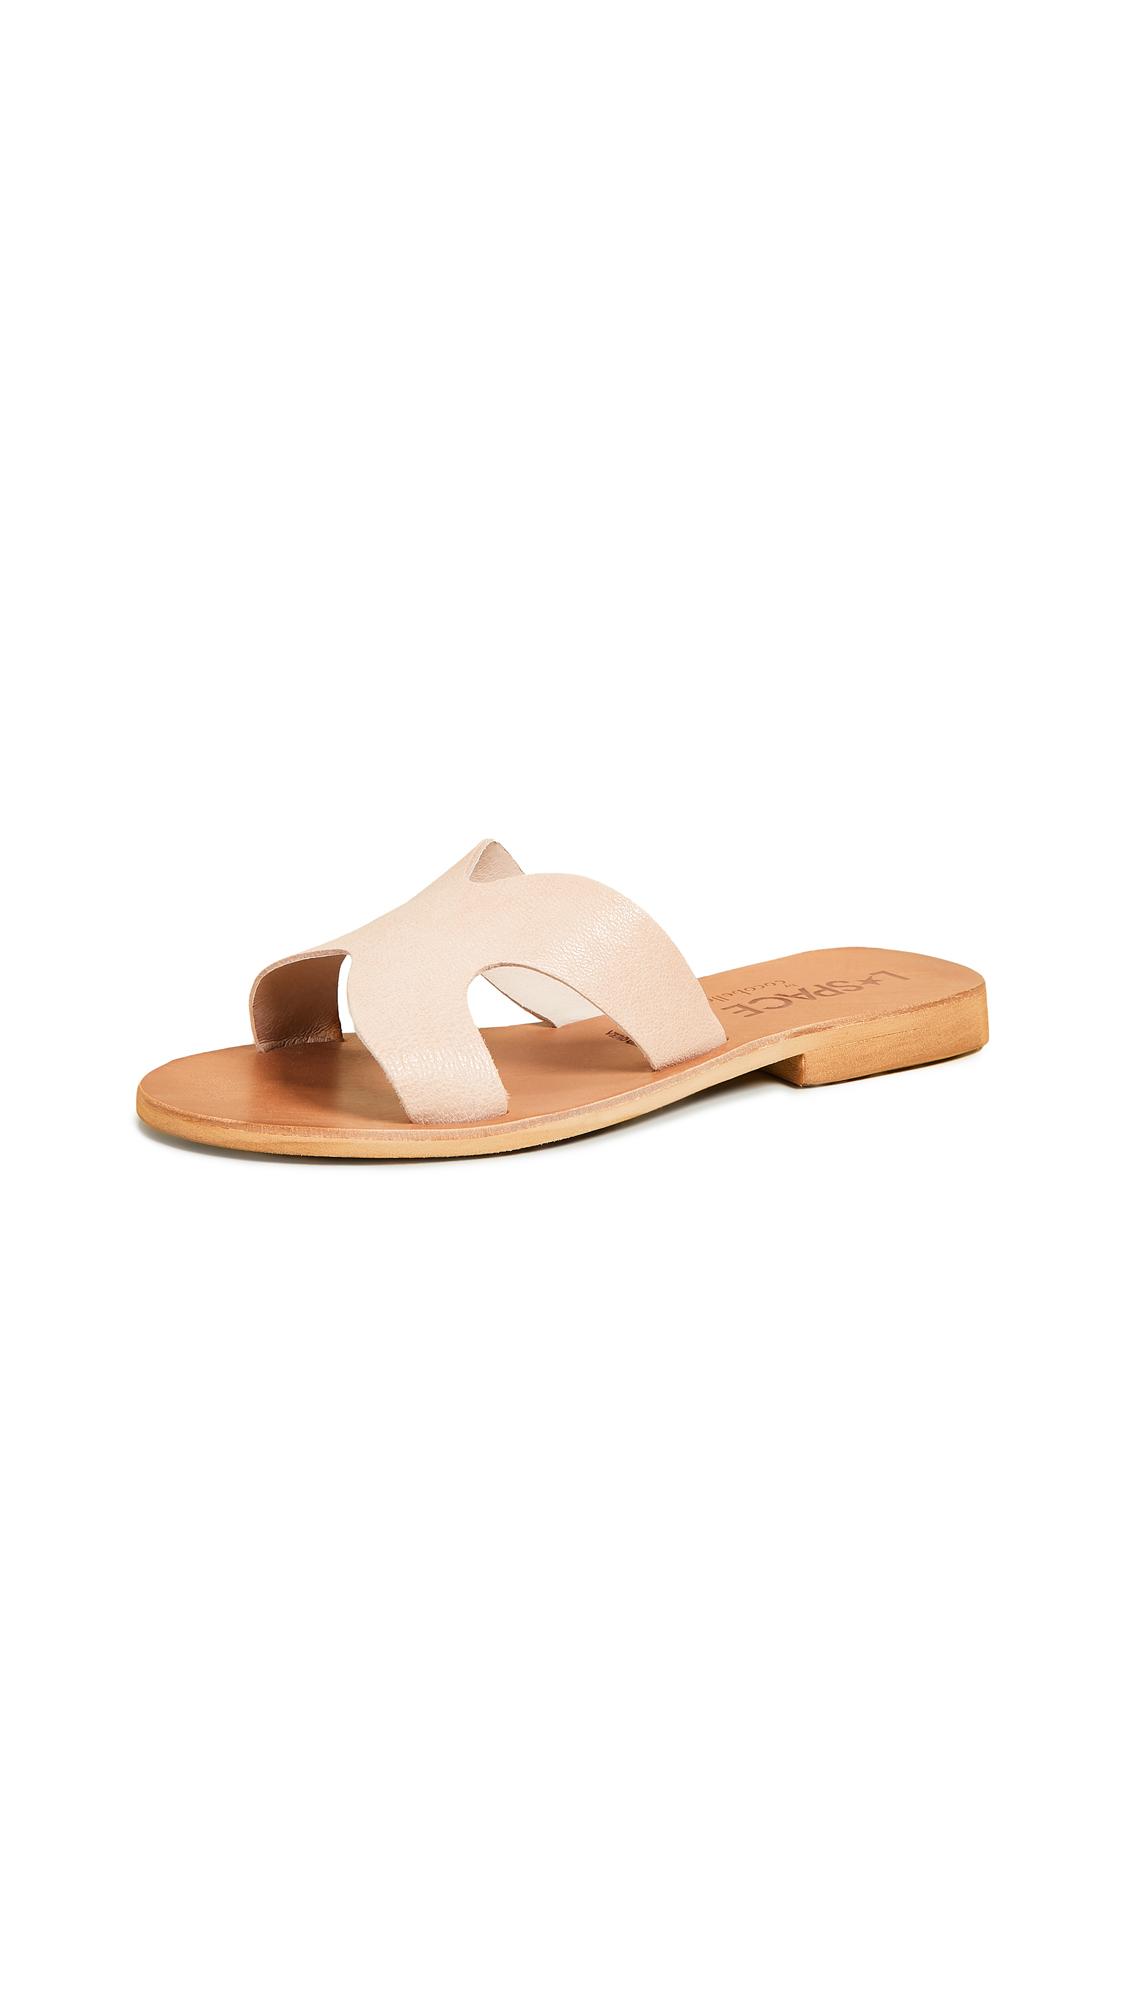 Cocobelle Los Slide Sandals - Beige